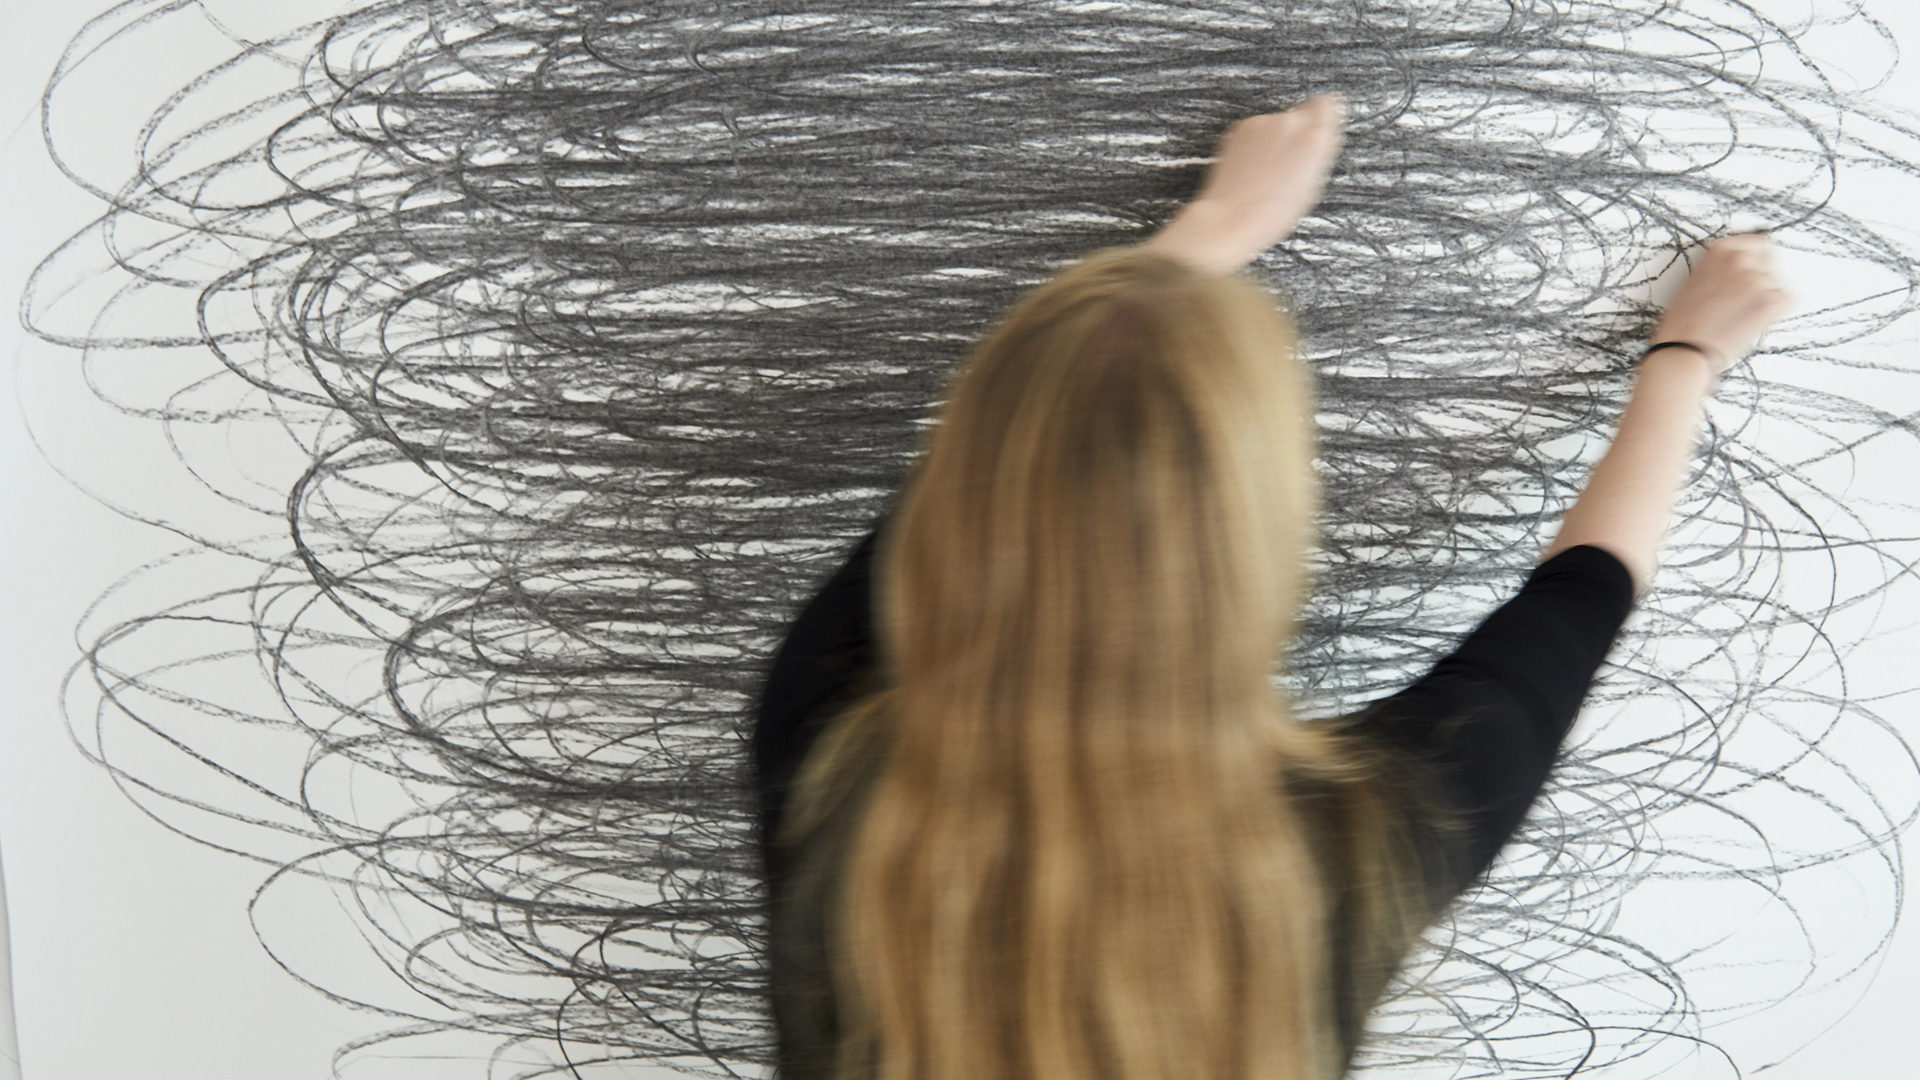 Opiskelija piirtää lyijykynällä kuvioita seinällä olevalle valkoiselle pohjalle,.